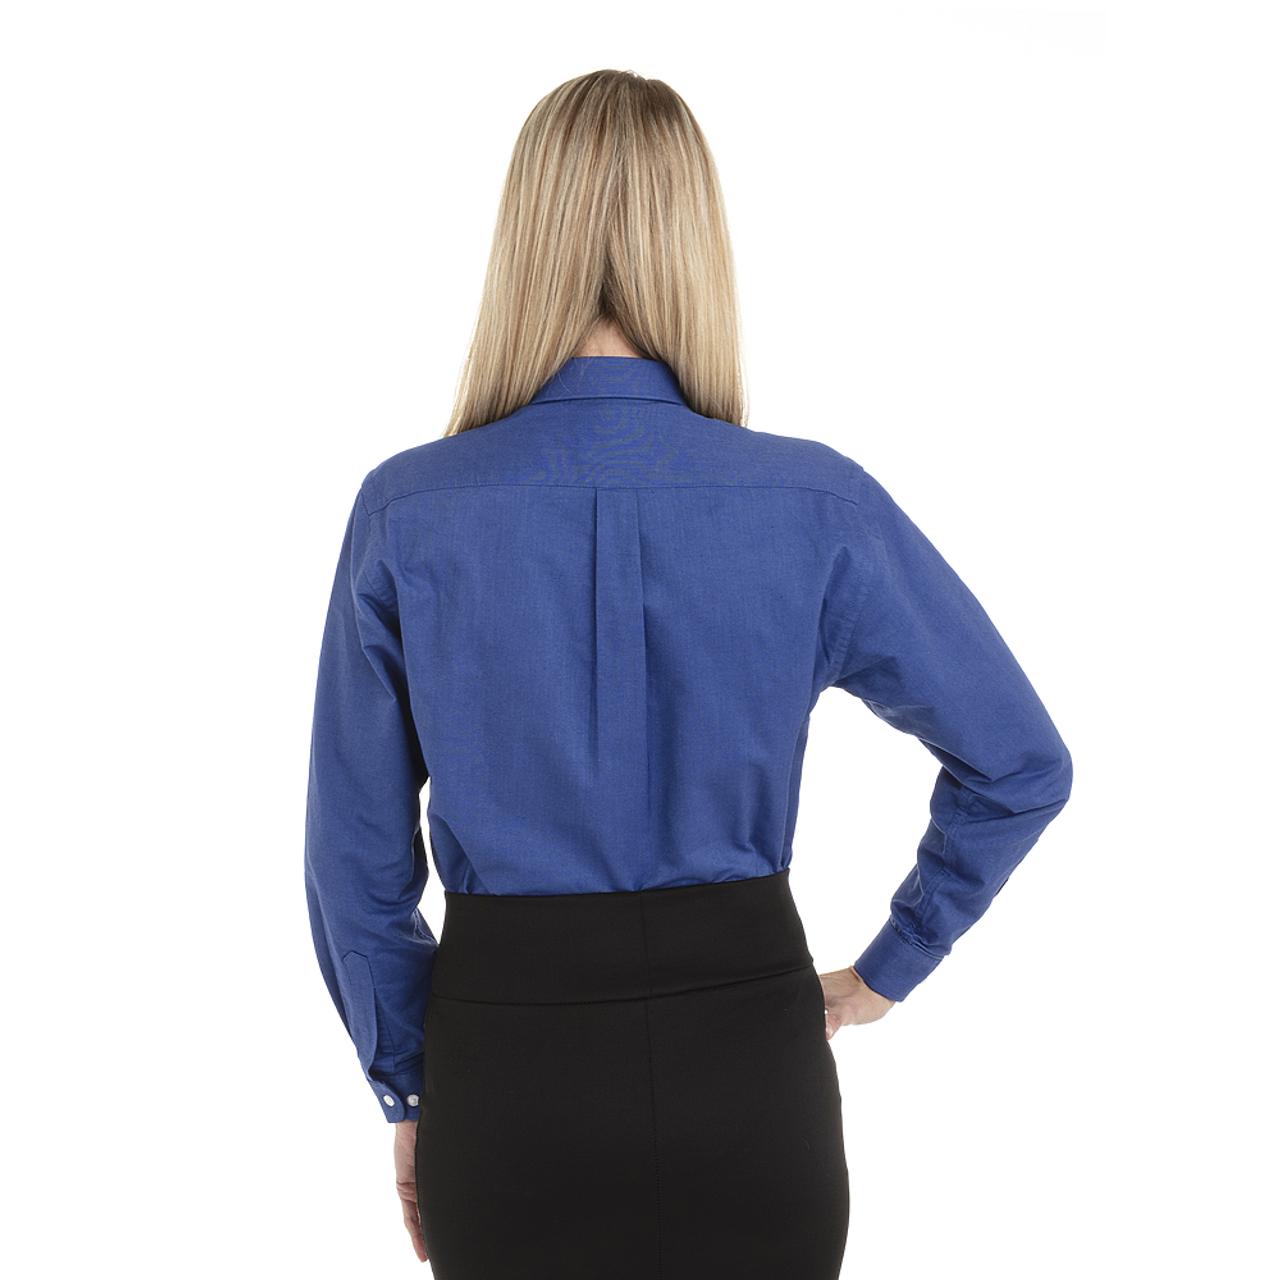 French Blue - Back, 18CV300 Van Heusen Ladies' Long Sleeve Oxford Shirt | T-shirt.ca